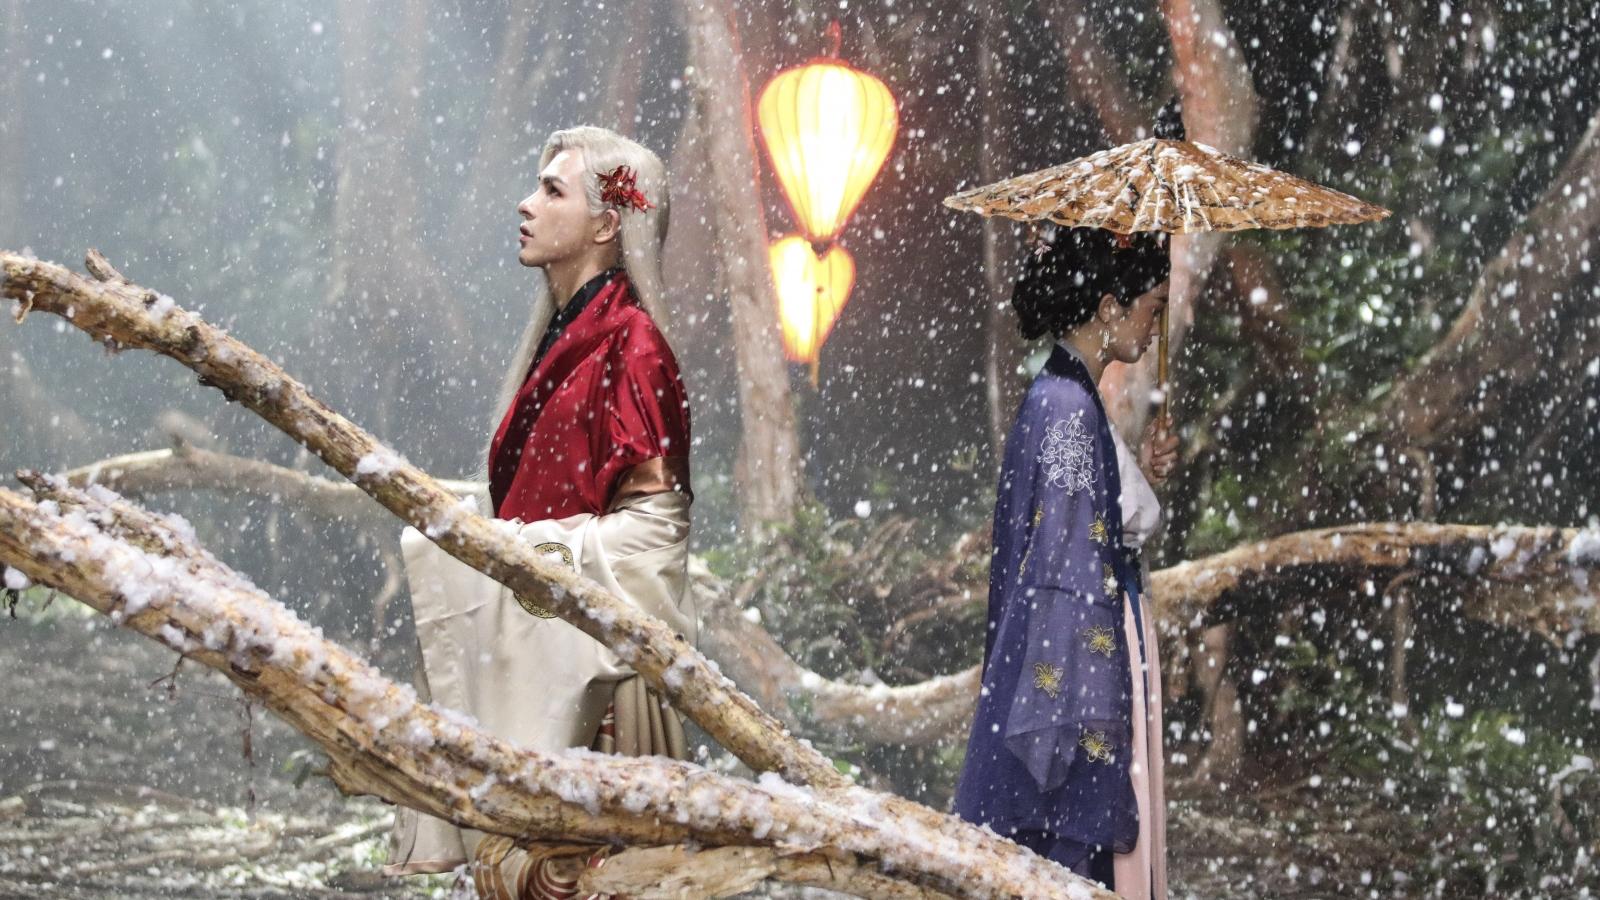 Dennis Đặng và Nguyễn Trần Trung Quân ra mắt phim ngắn được đầu tư 10 tỷ đồng